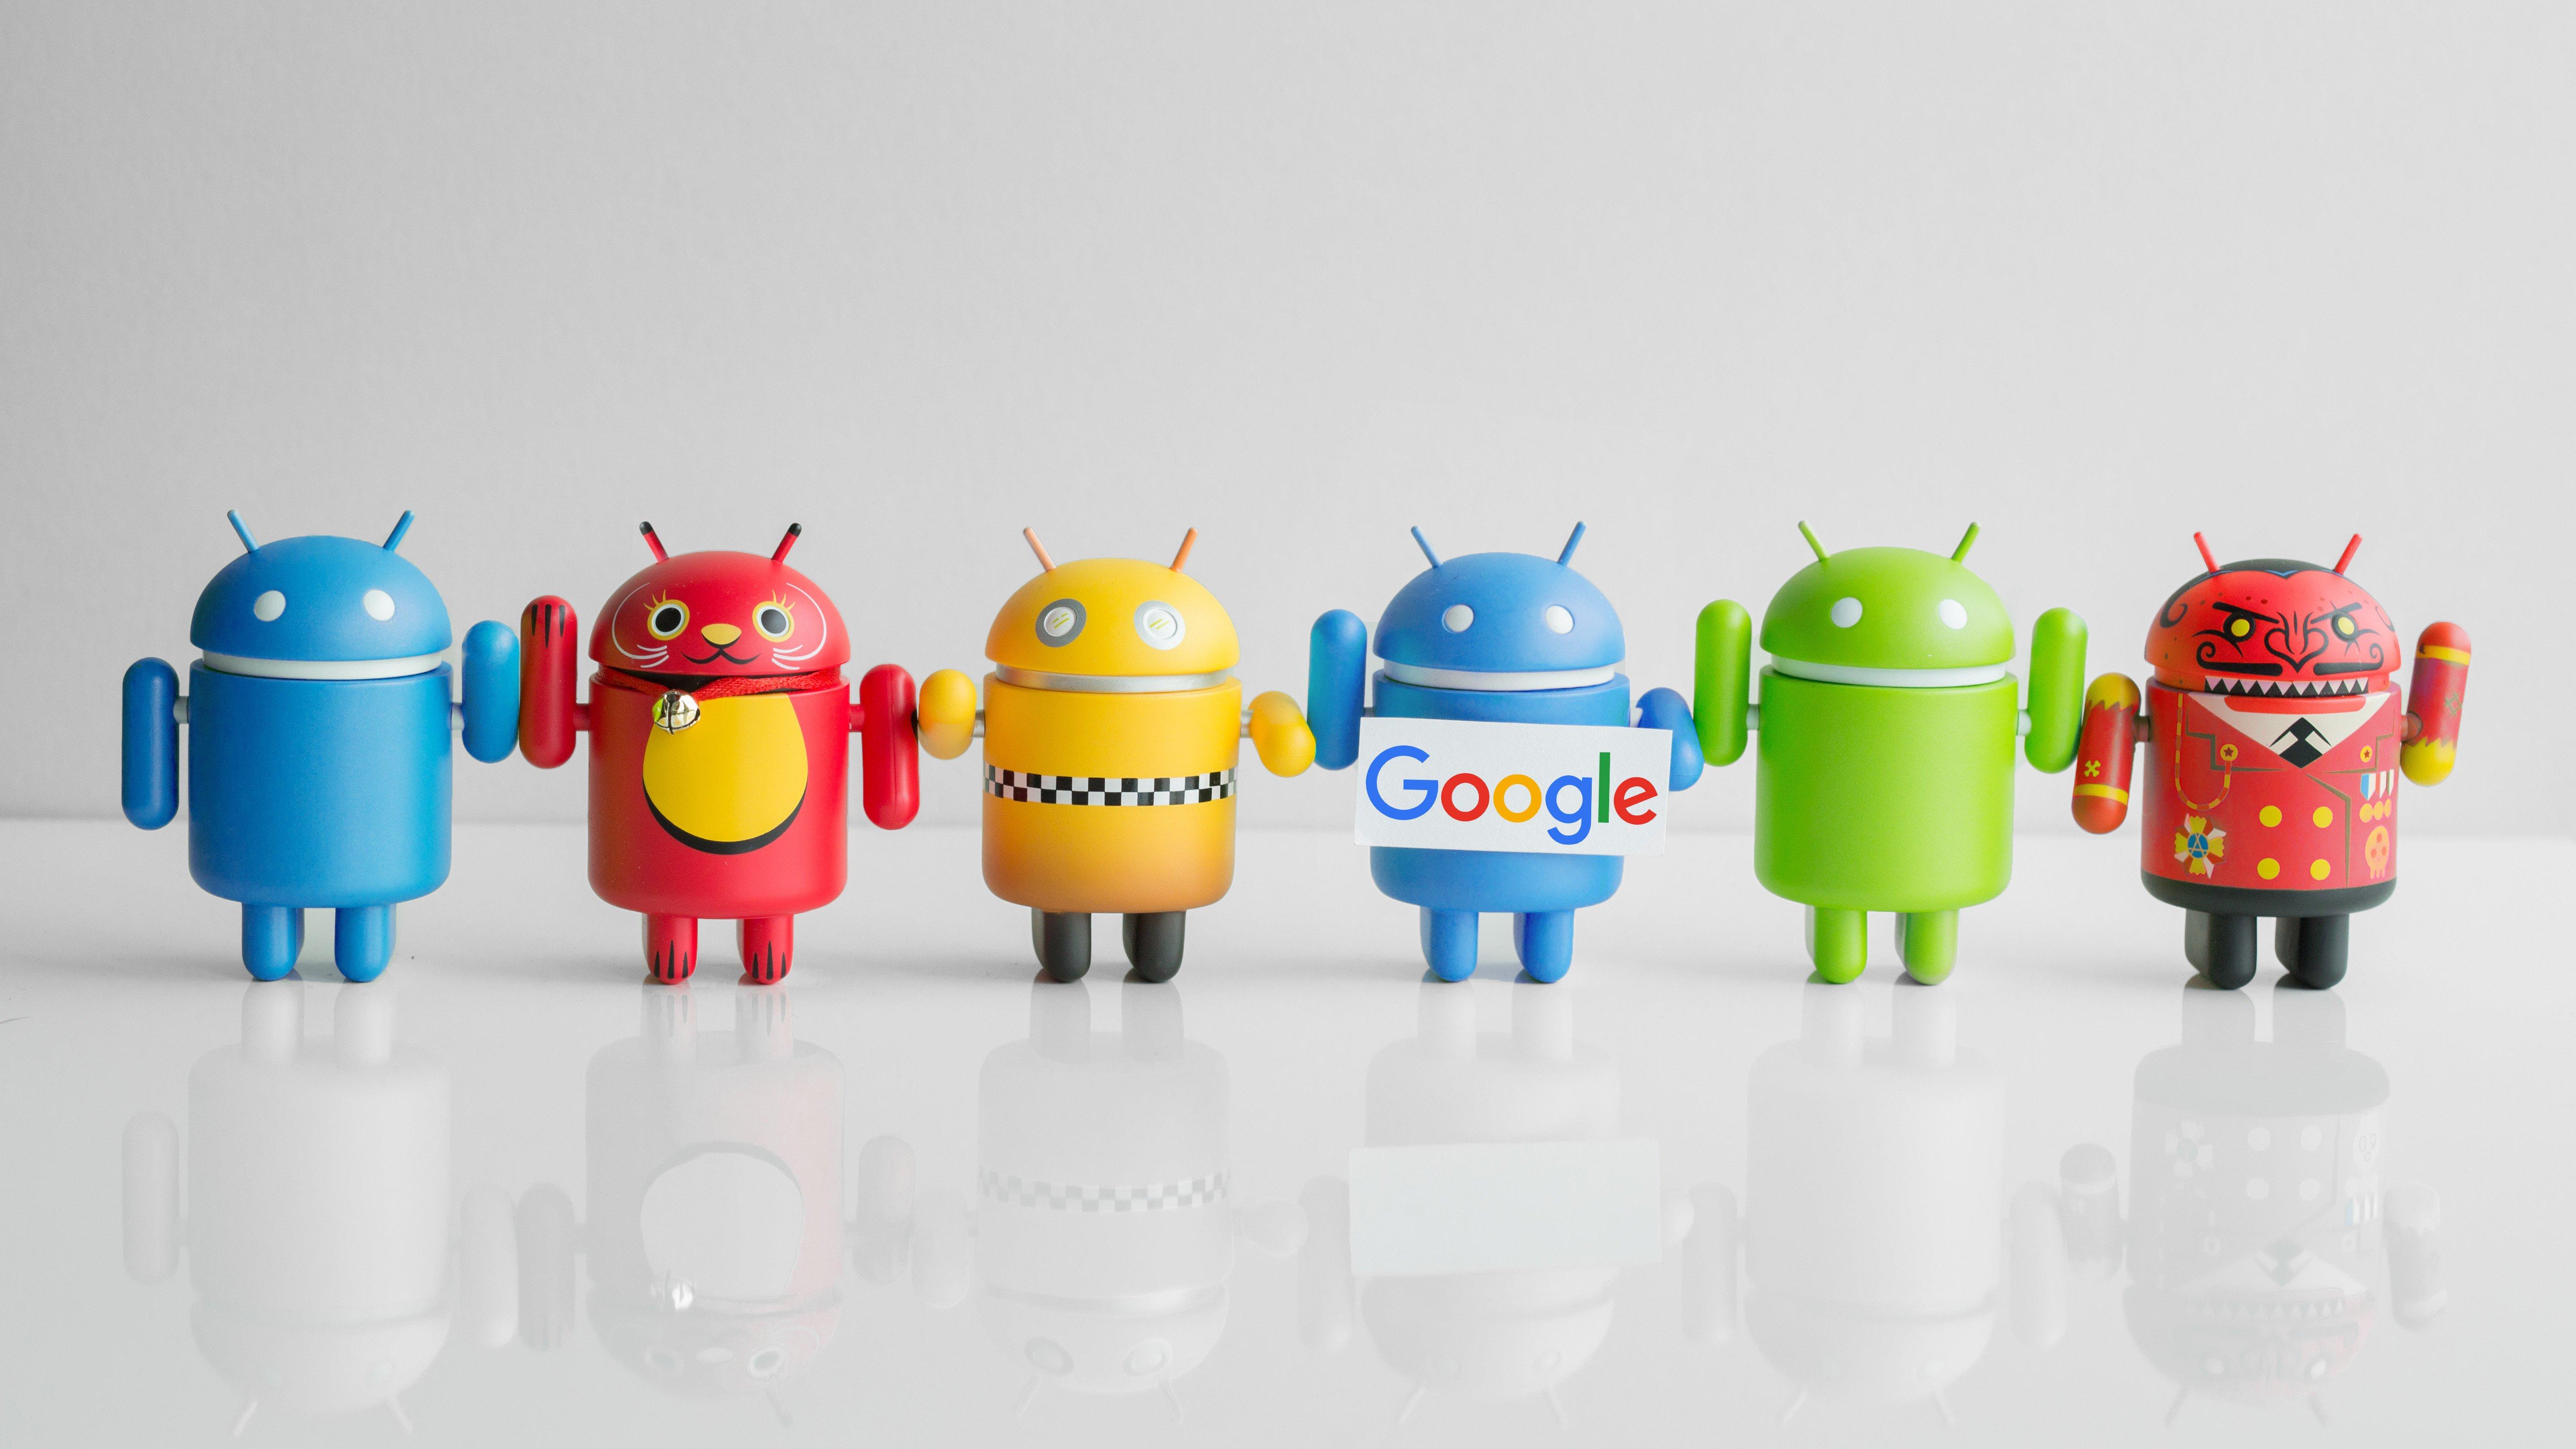 comment retirer la barre de recherche google sur android